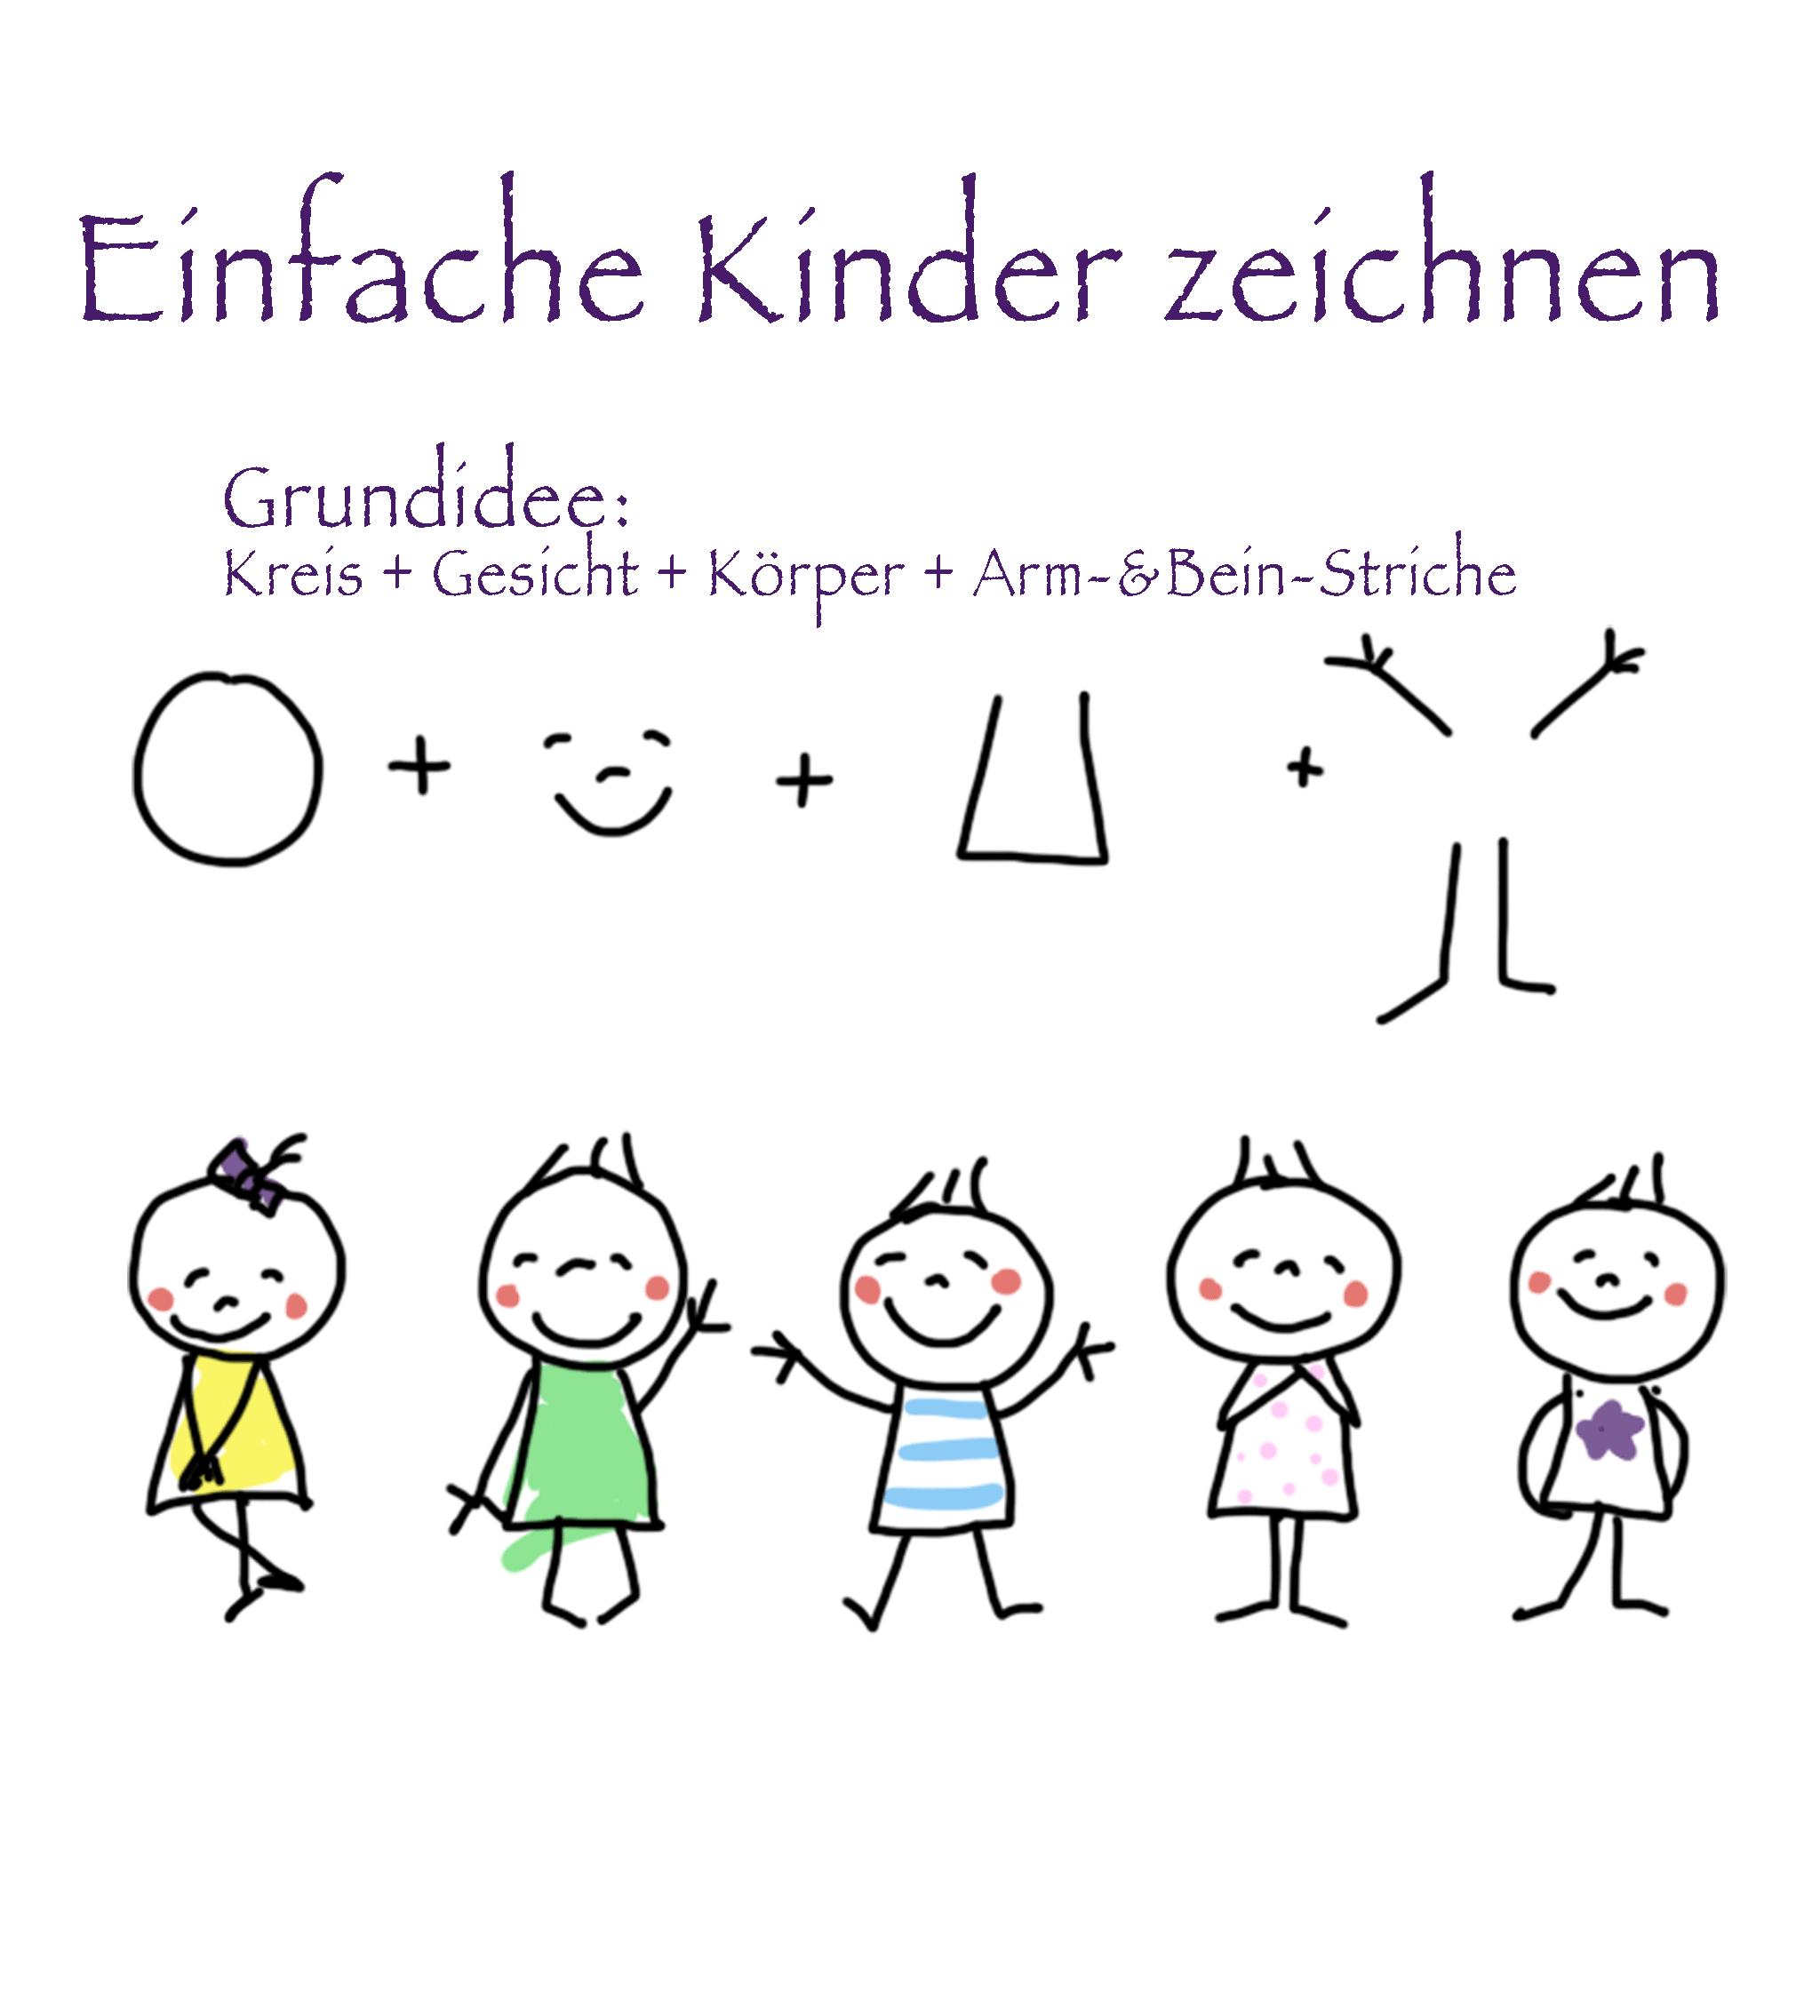 Einfache-Kinder-und-Menschen-zeichnen_Strichmännchen-5